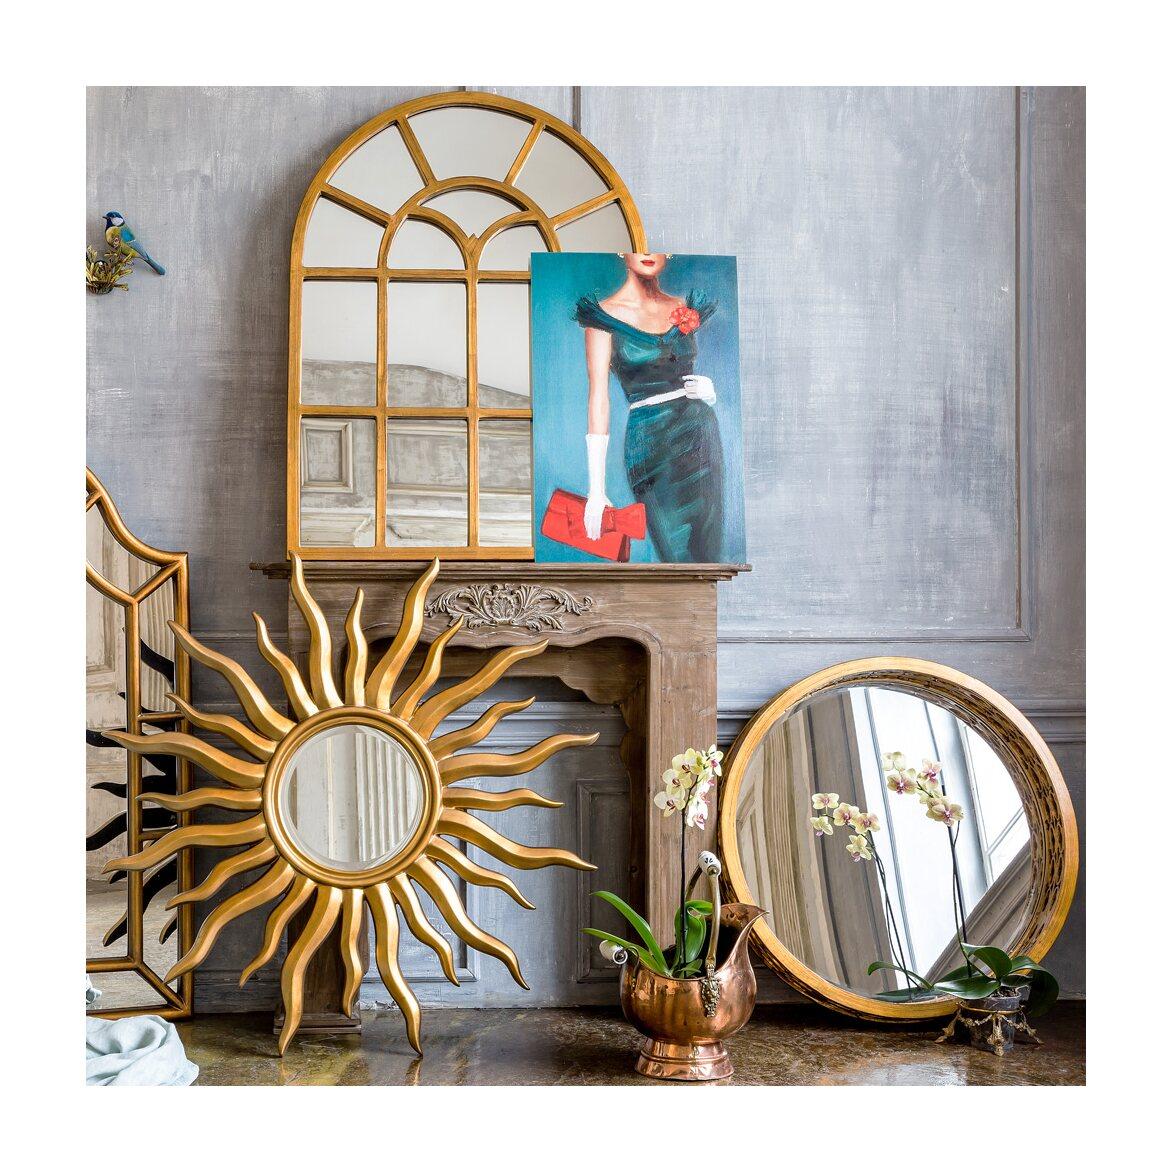 Настенное зеркало «Круазе» 5 | Настенные зеркала Kingsby